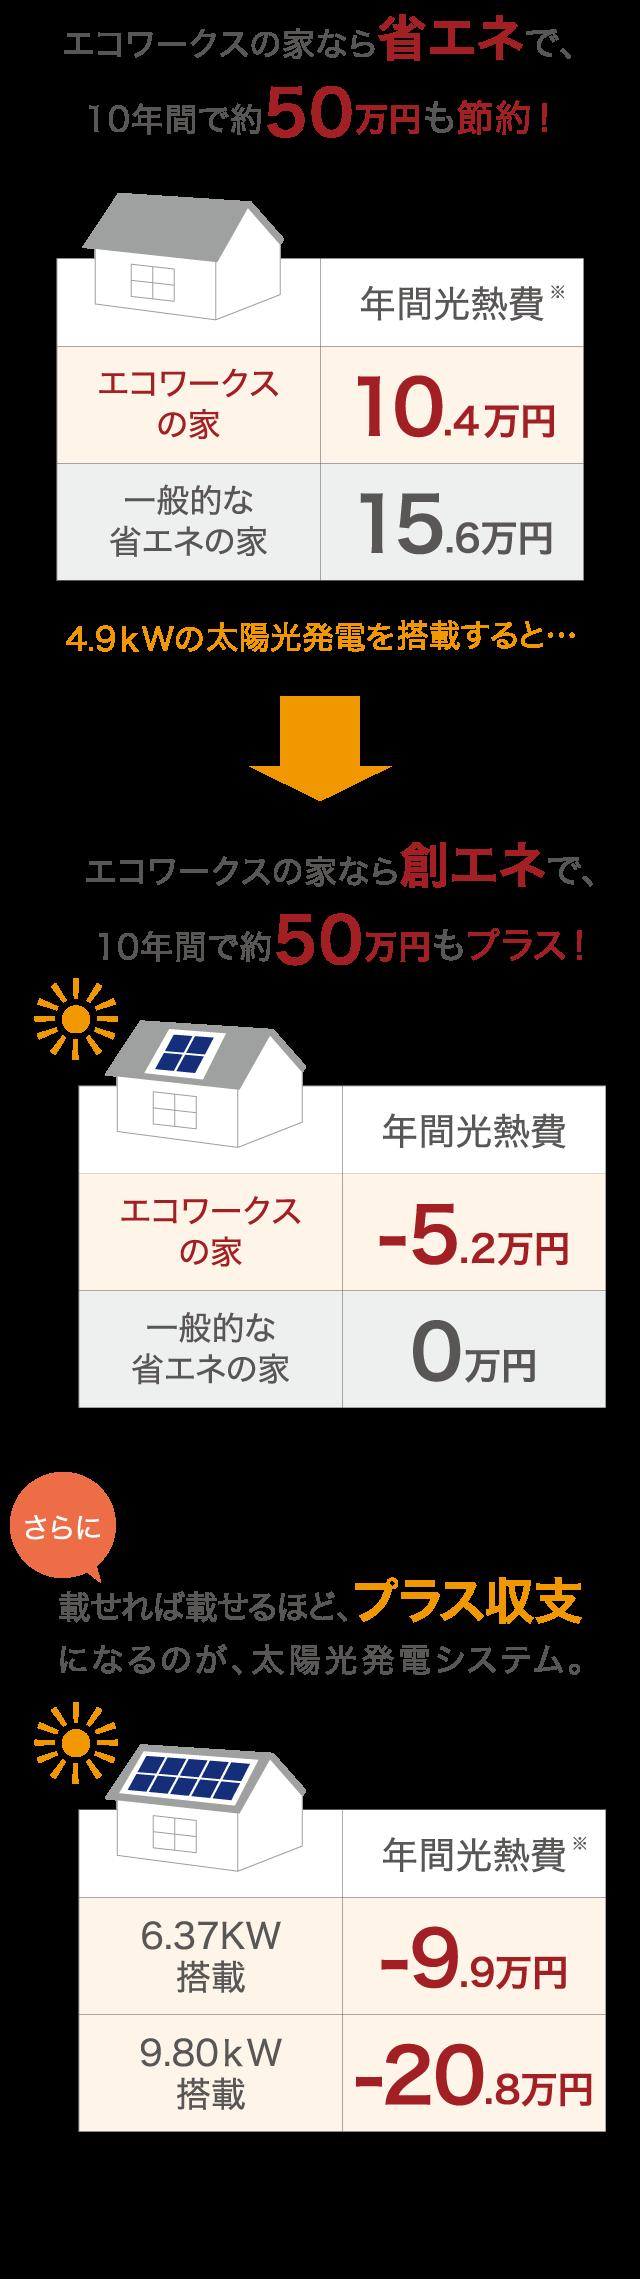 エコワークスの家なら省エネで、10年間で約50万円も節約!